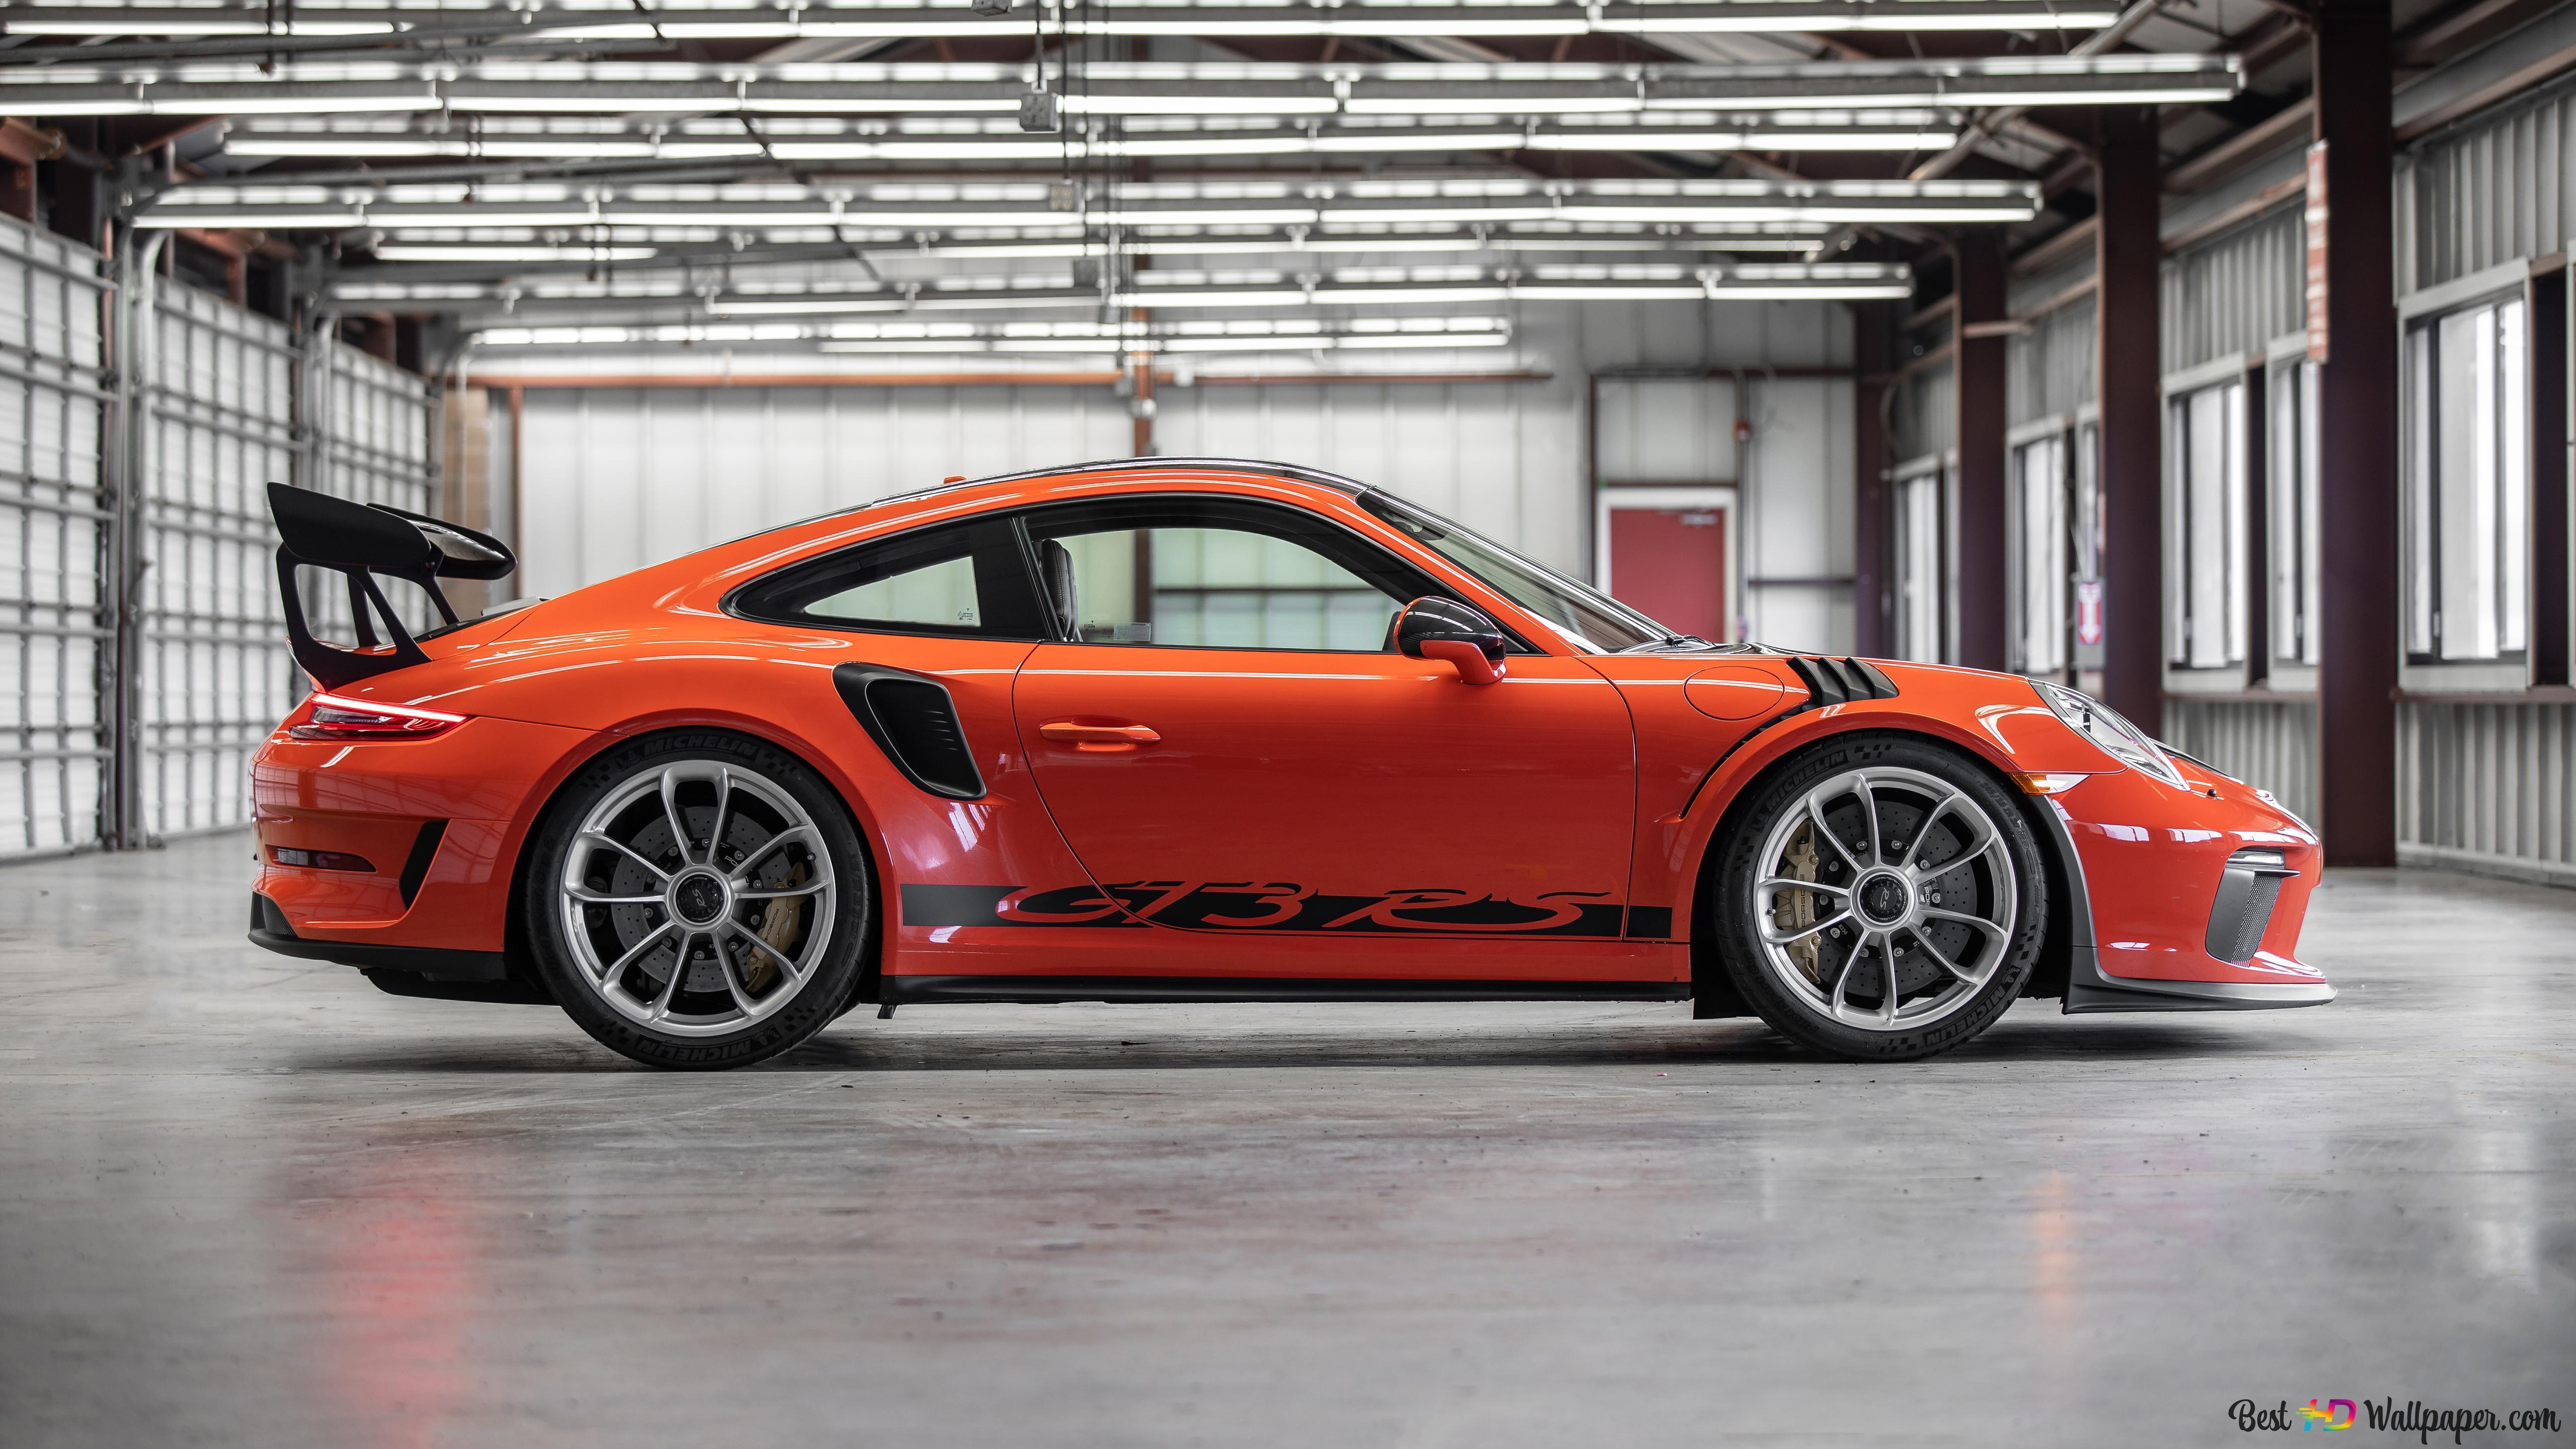 Porsche 911 Gt3 Rs 5k Hd Wallpaper Download